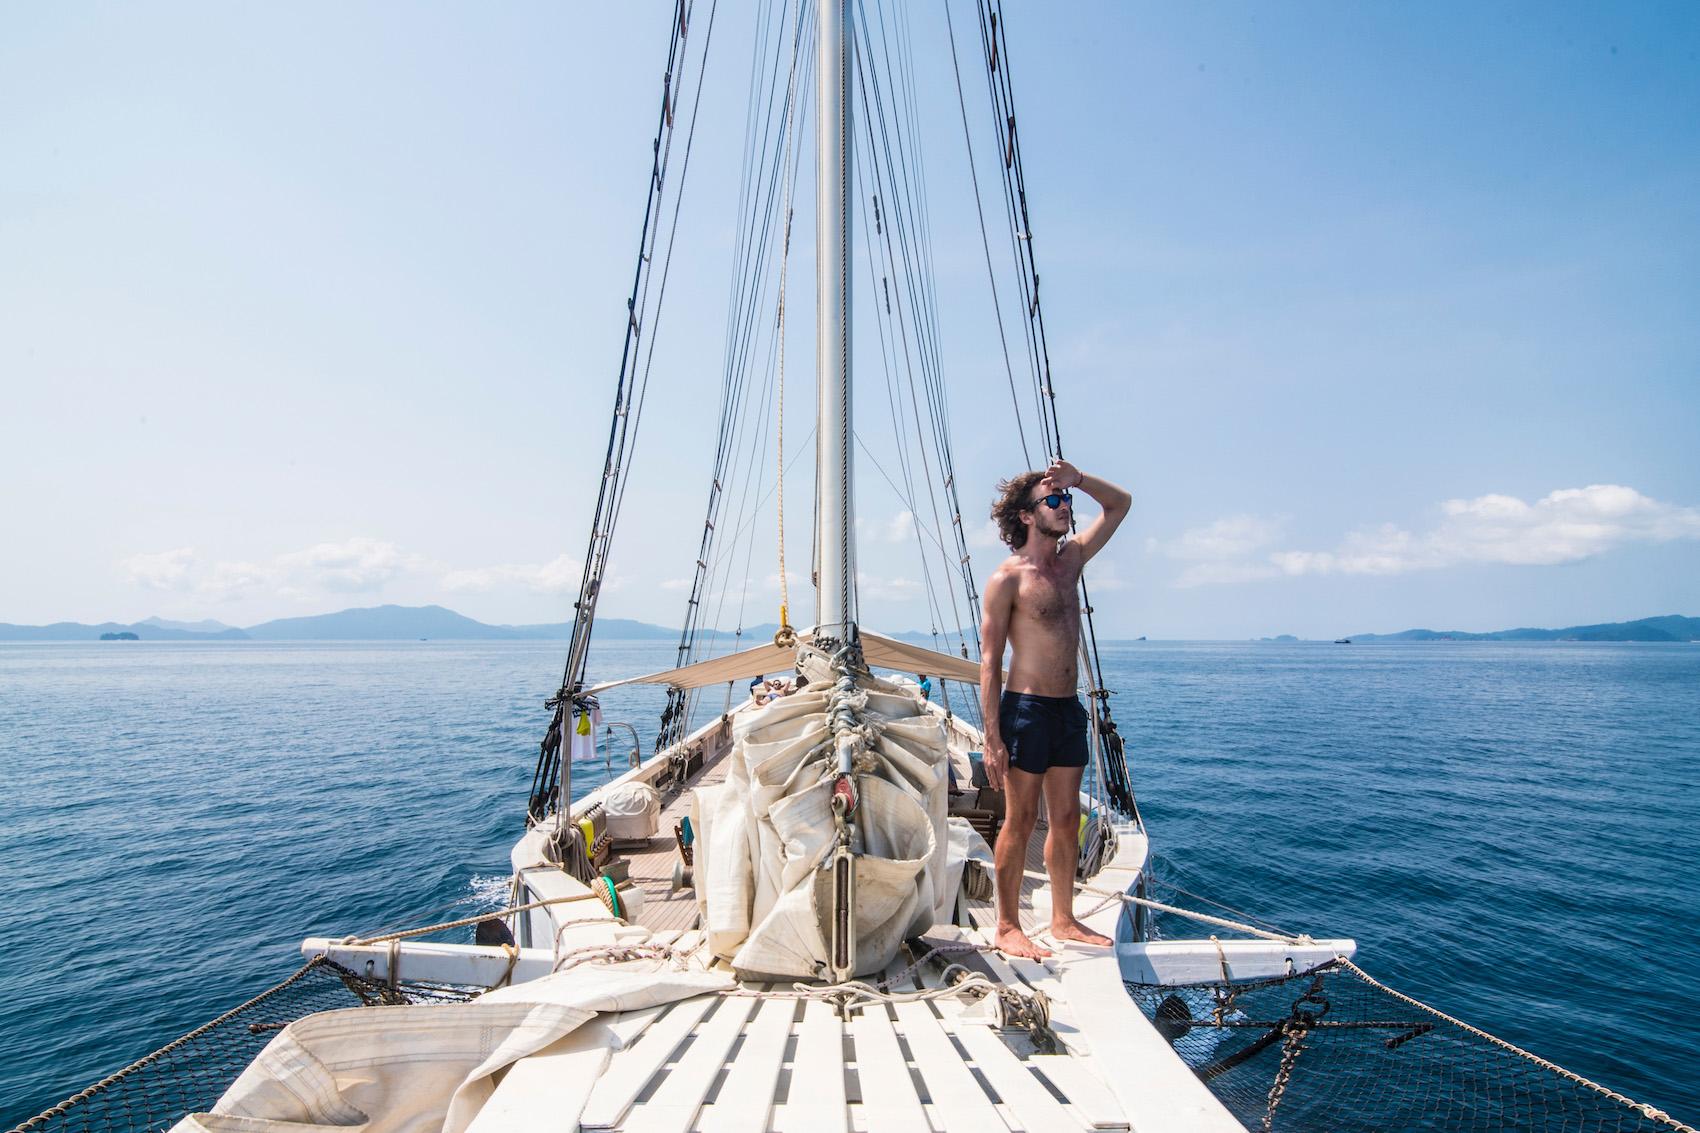 Robert Schrader in Myanmar's Mergui Archipelago